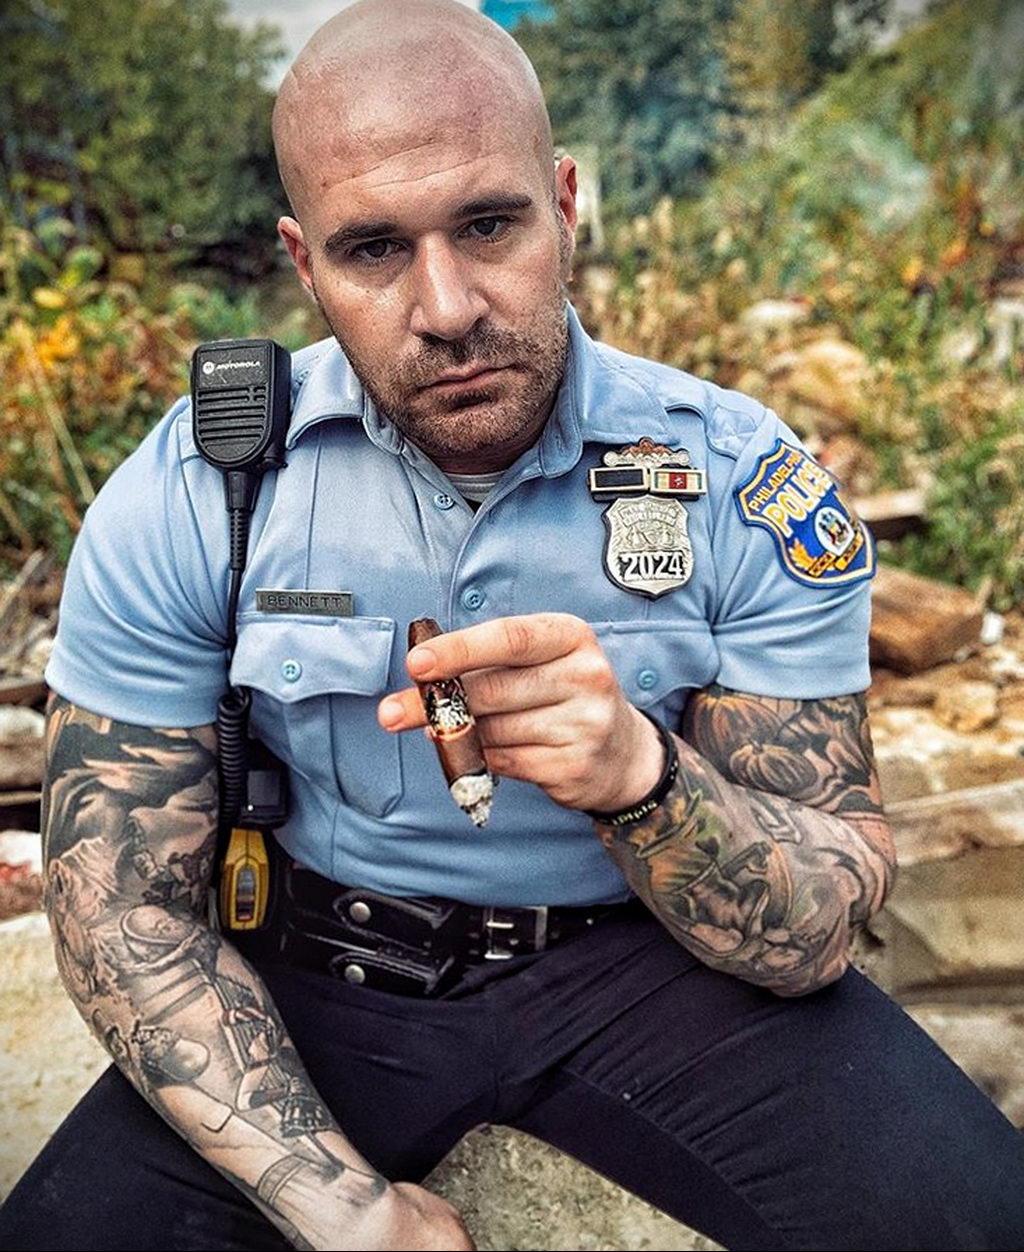 @thekingpinofsmoke – фото полицейского с татуировками для сайта tatufoto.com 6